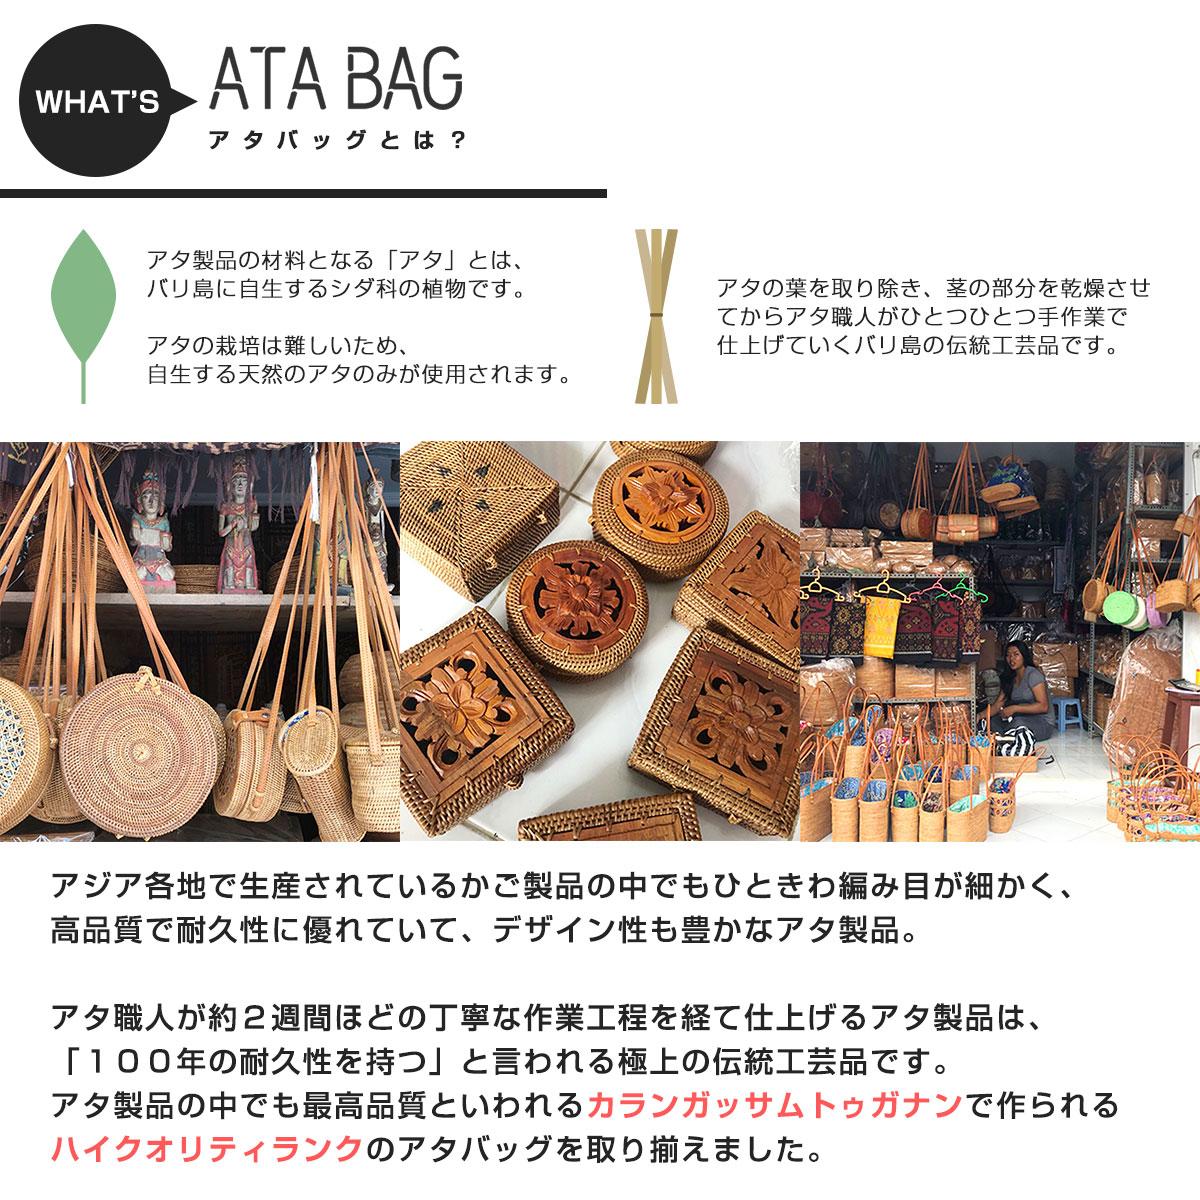 【ATABAG】LaCuteオリジナルテキスタイルかごトートバッグL[ネイビー]